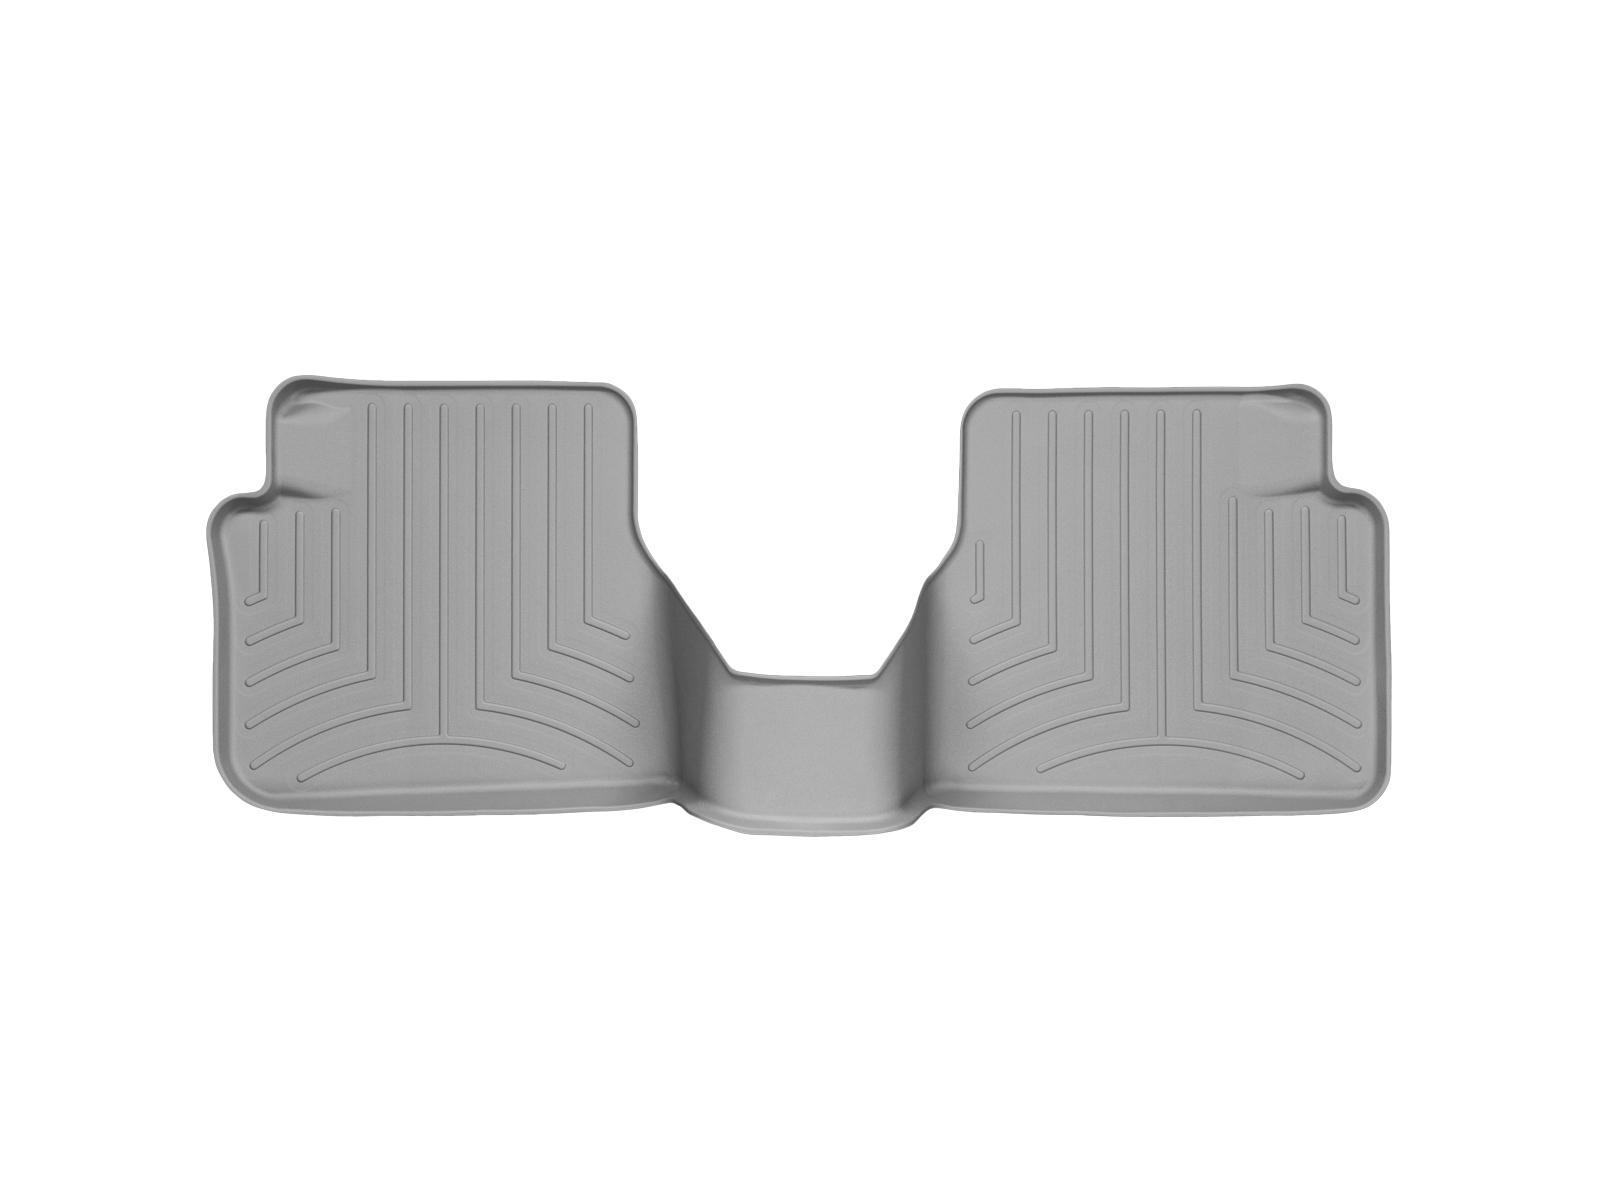 Tappeti gomma su misura bordo alto Subaru Impreza WRX STi 08>13 Grigio A3474